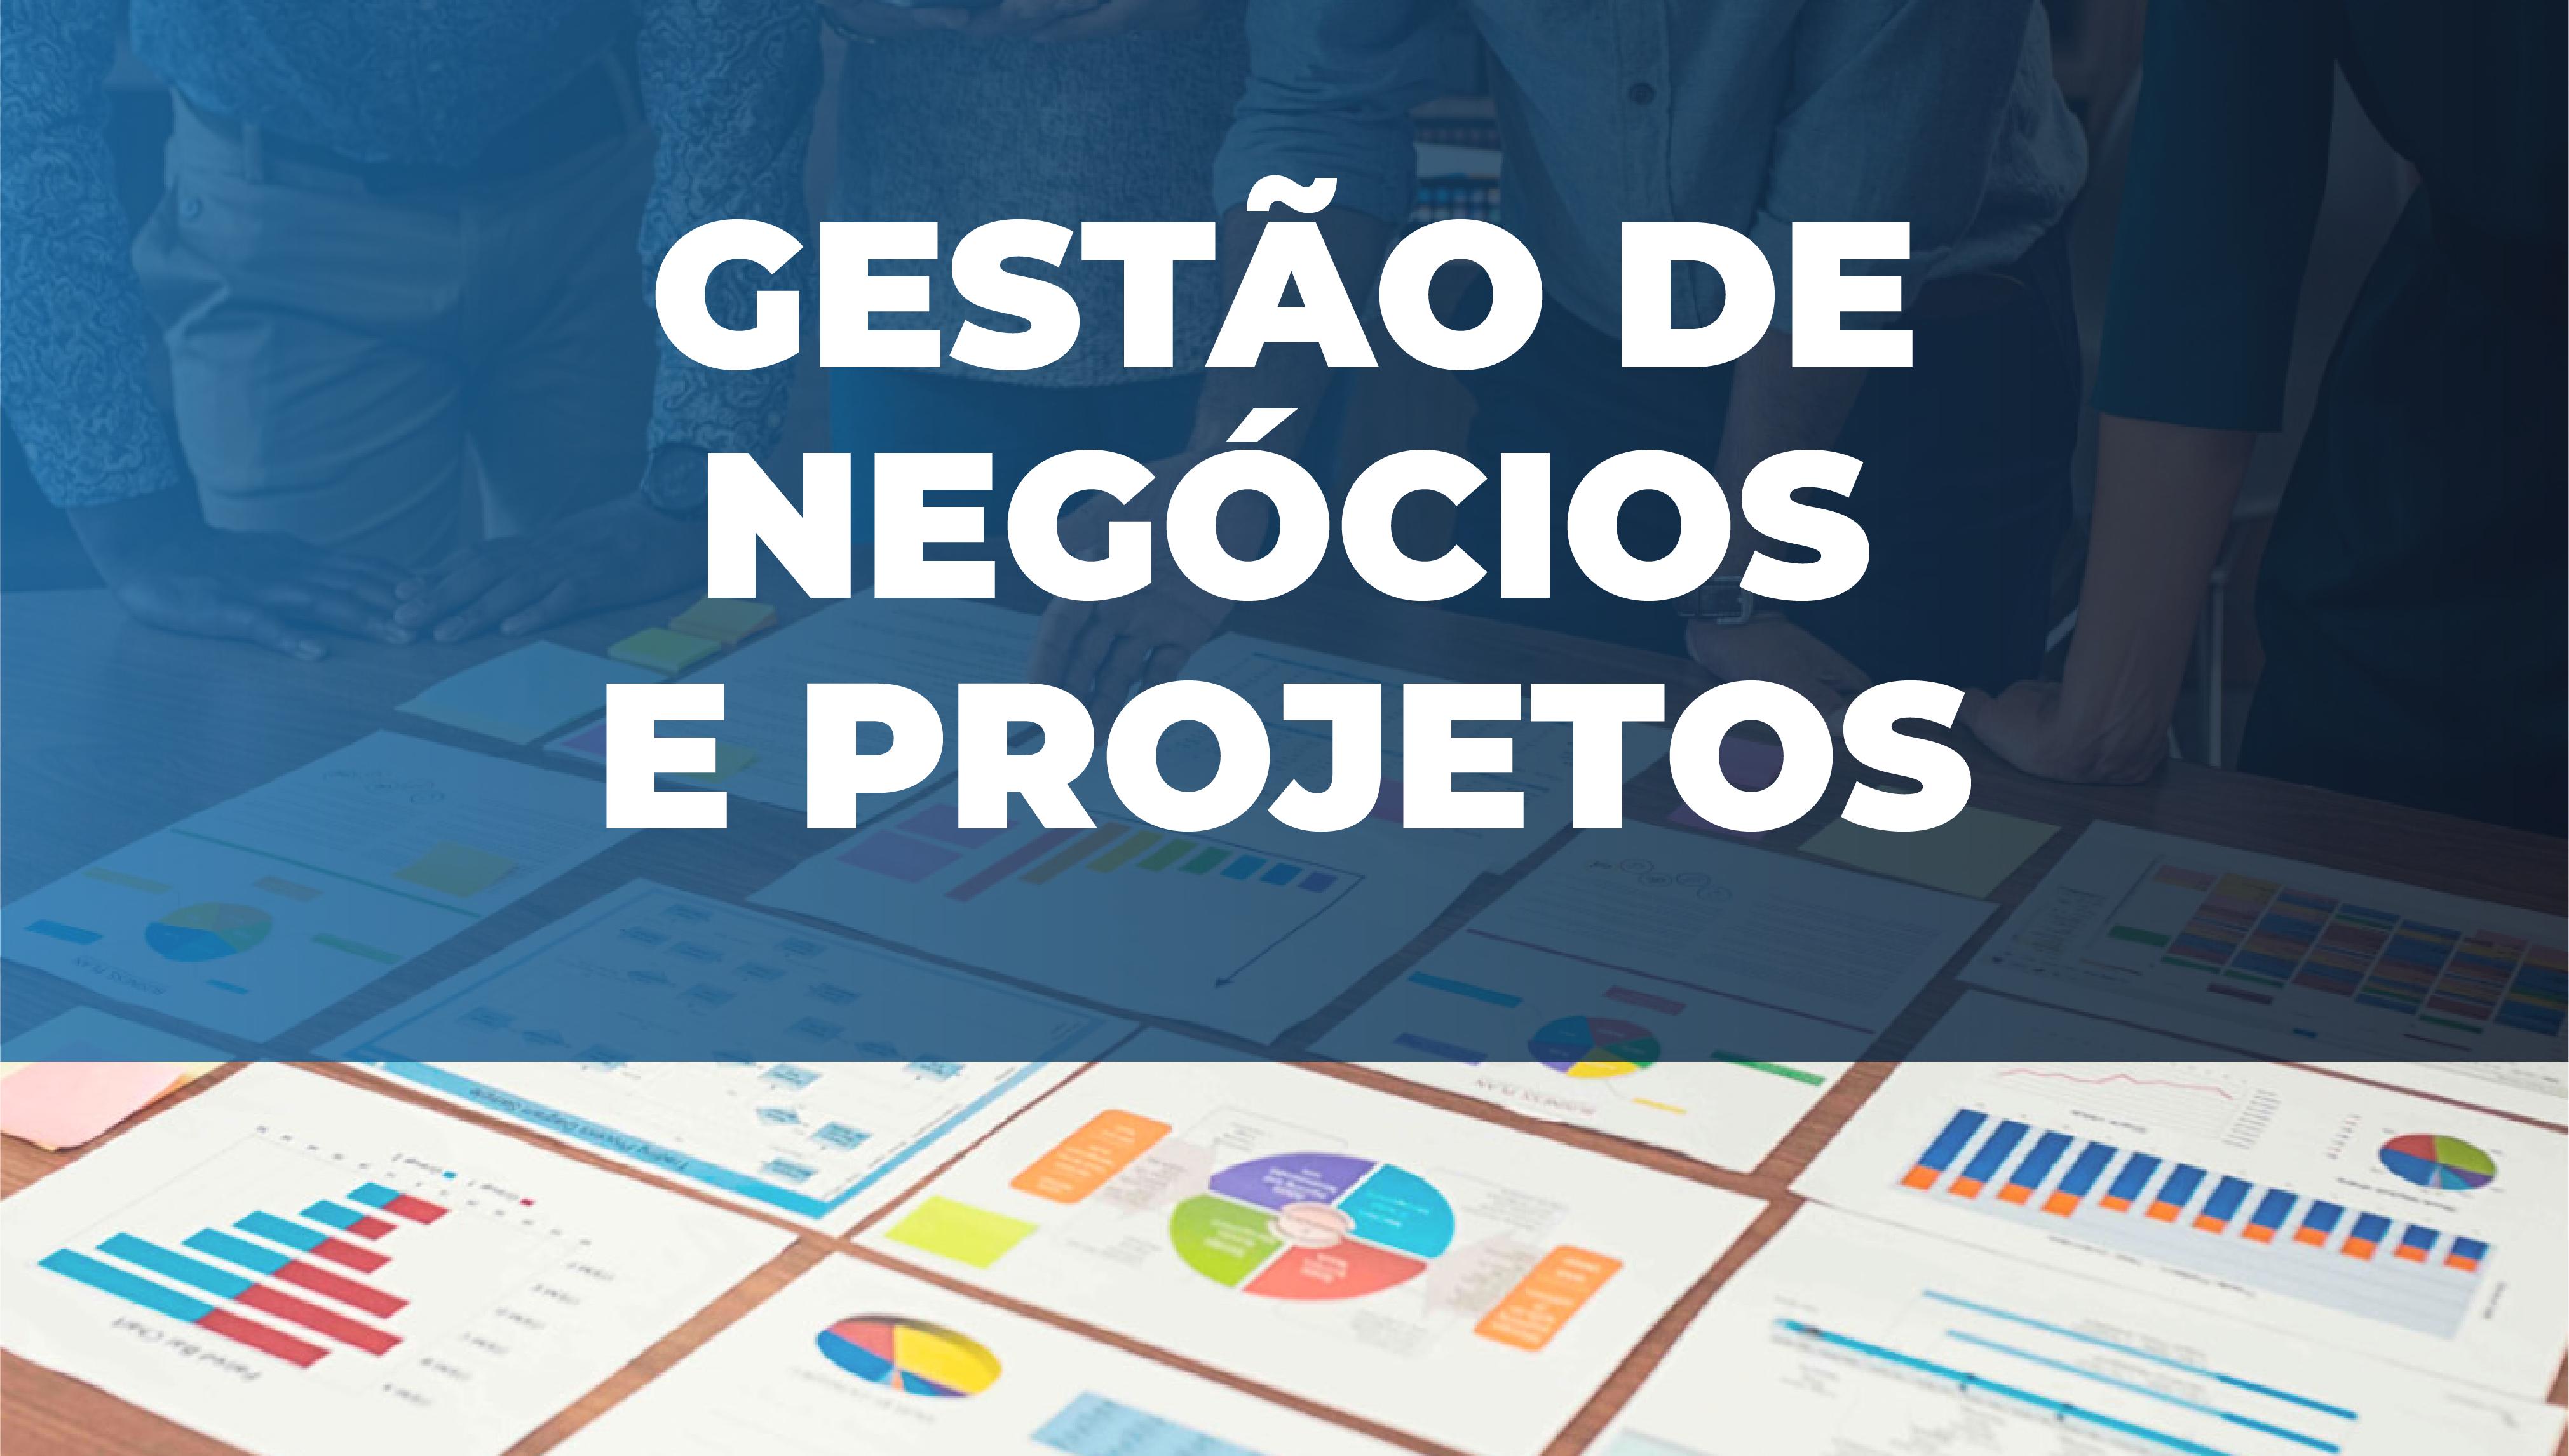 Gestão de negócios e projetos